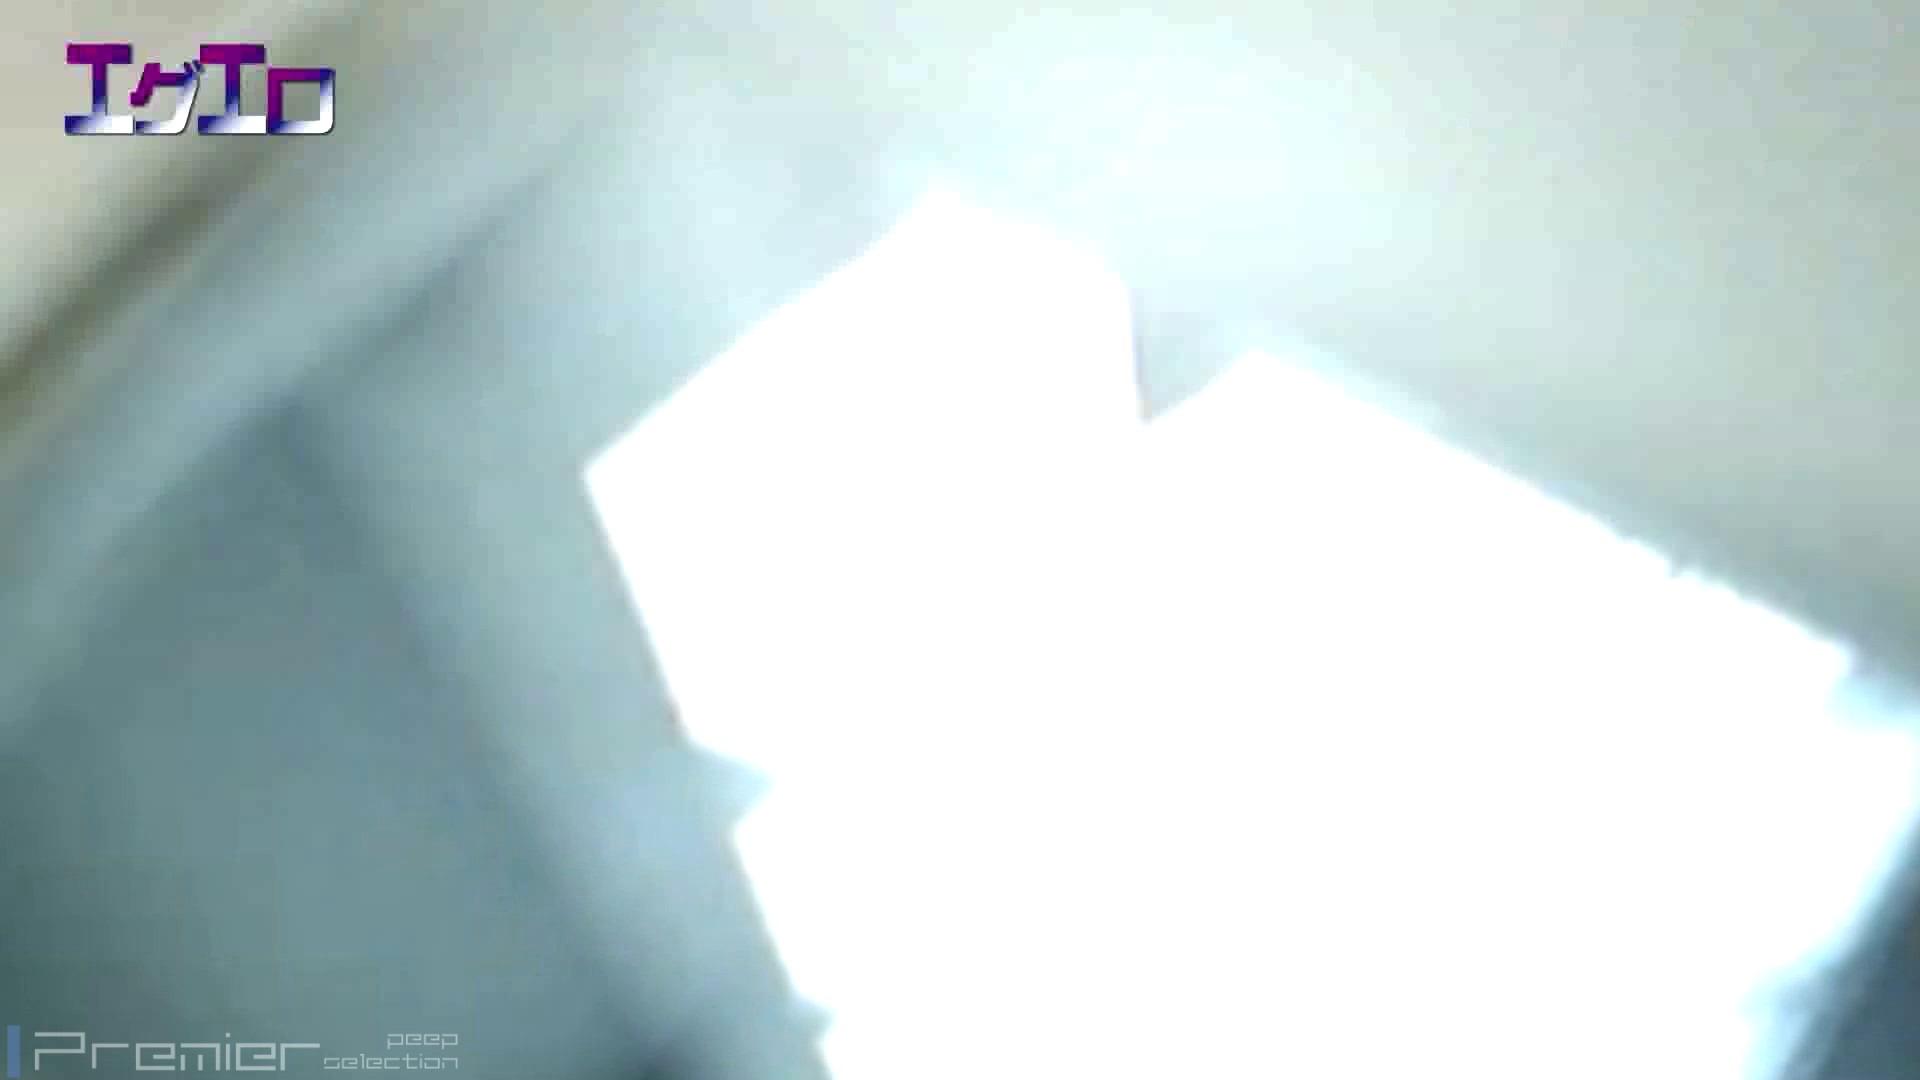 至近距離洗面所 Vol.09夏ギャルキタ~和式トイレ放nyoショー 洗面所 すけべAV動画紹介 80画像 70